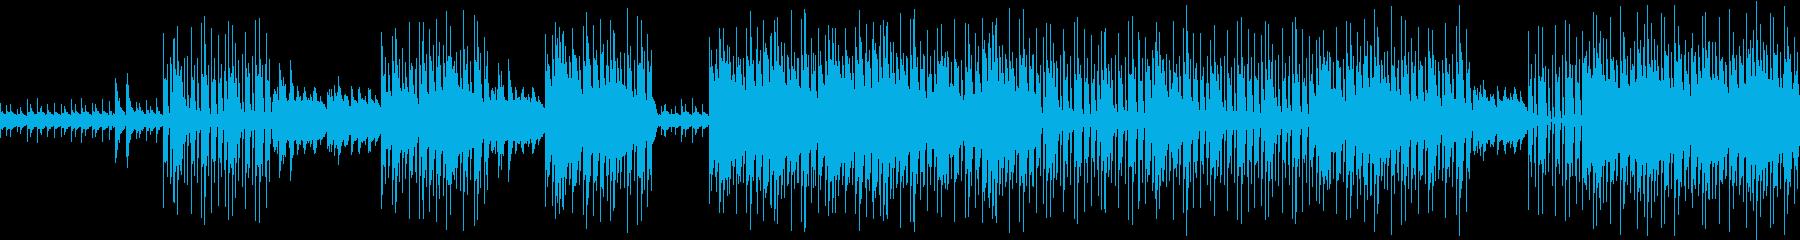 現代音楽風(ミニマル)ダークなトラックの再生済みの波形